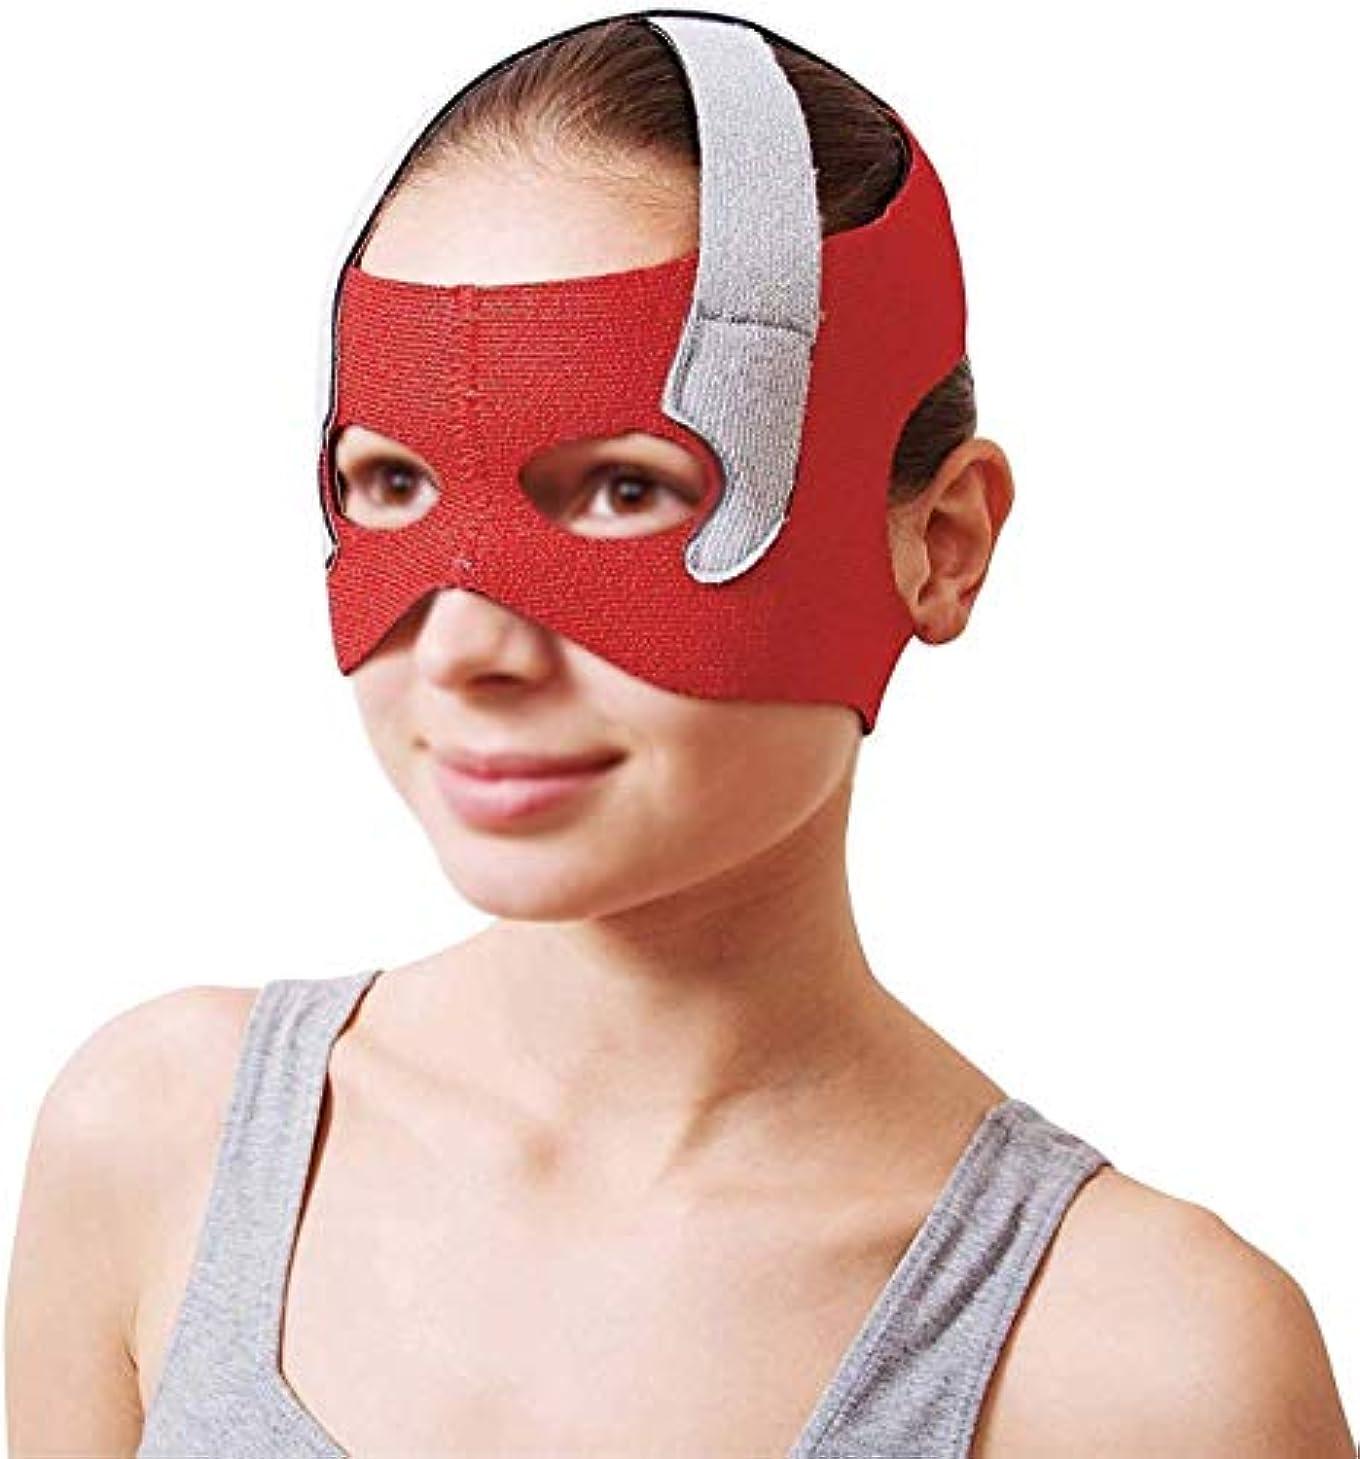 生活簡潔なトレイ美容と実用的なフェイスリフトマスク、回復ポスト包帯ヘッドギアフェイスマスク顔薄いフェイスマスクアーティファクト美容ベルト顔と首リフト顔周囲57-68 cm